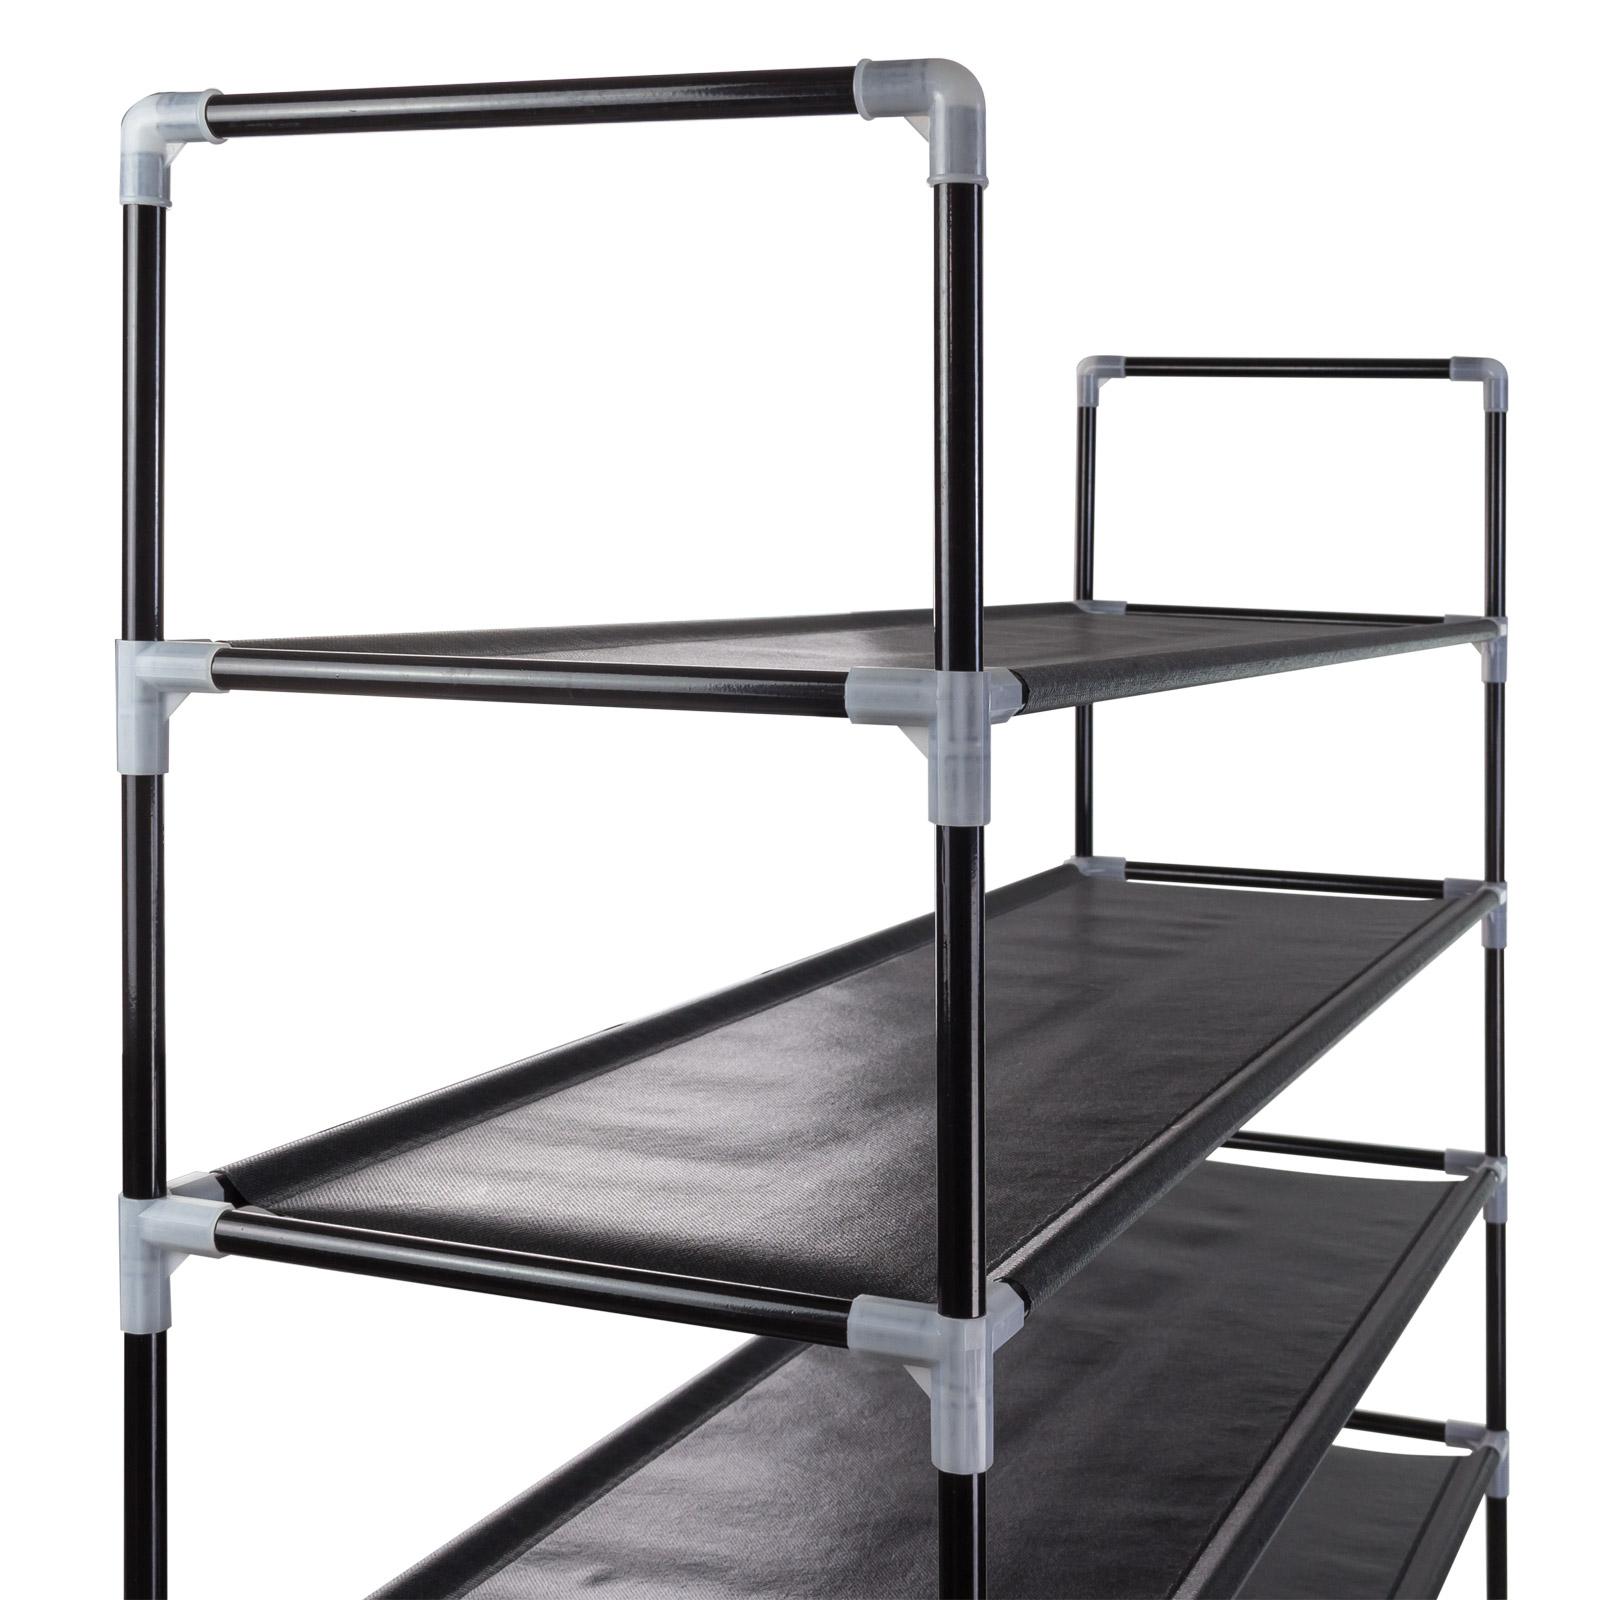 schuhregal regal f r schuhe mit 10 ebenen f chern schwarz anthrazit 100x28x175cm. Black Bedroom Furniture Sets. Home Design Ideas